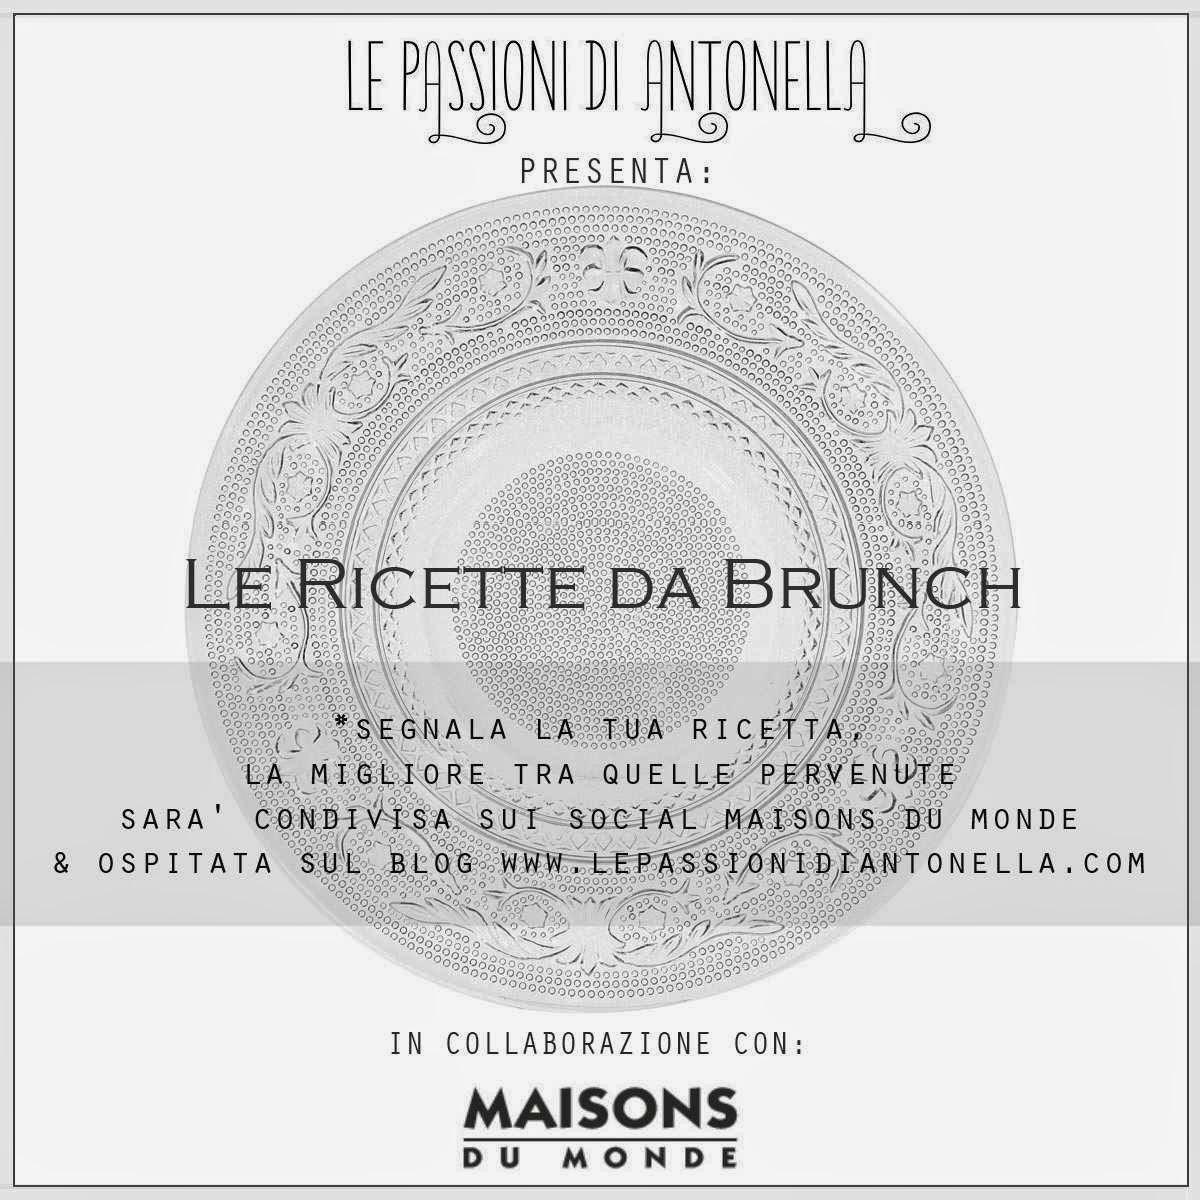 http://www.lepassionidiantonella.com/2014/04/brunch-party-con-maisons-du-monde.html